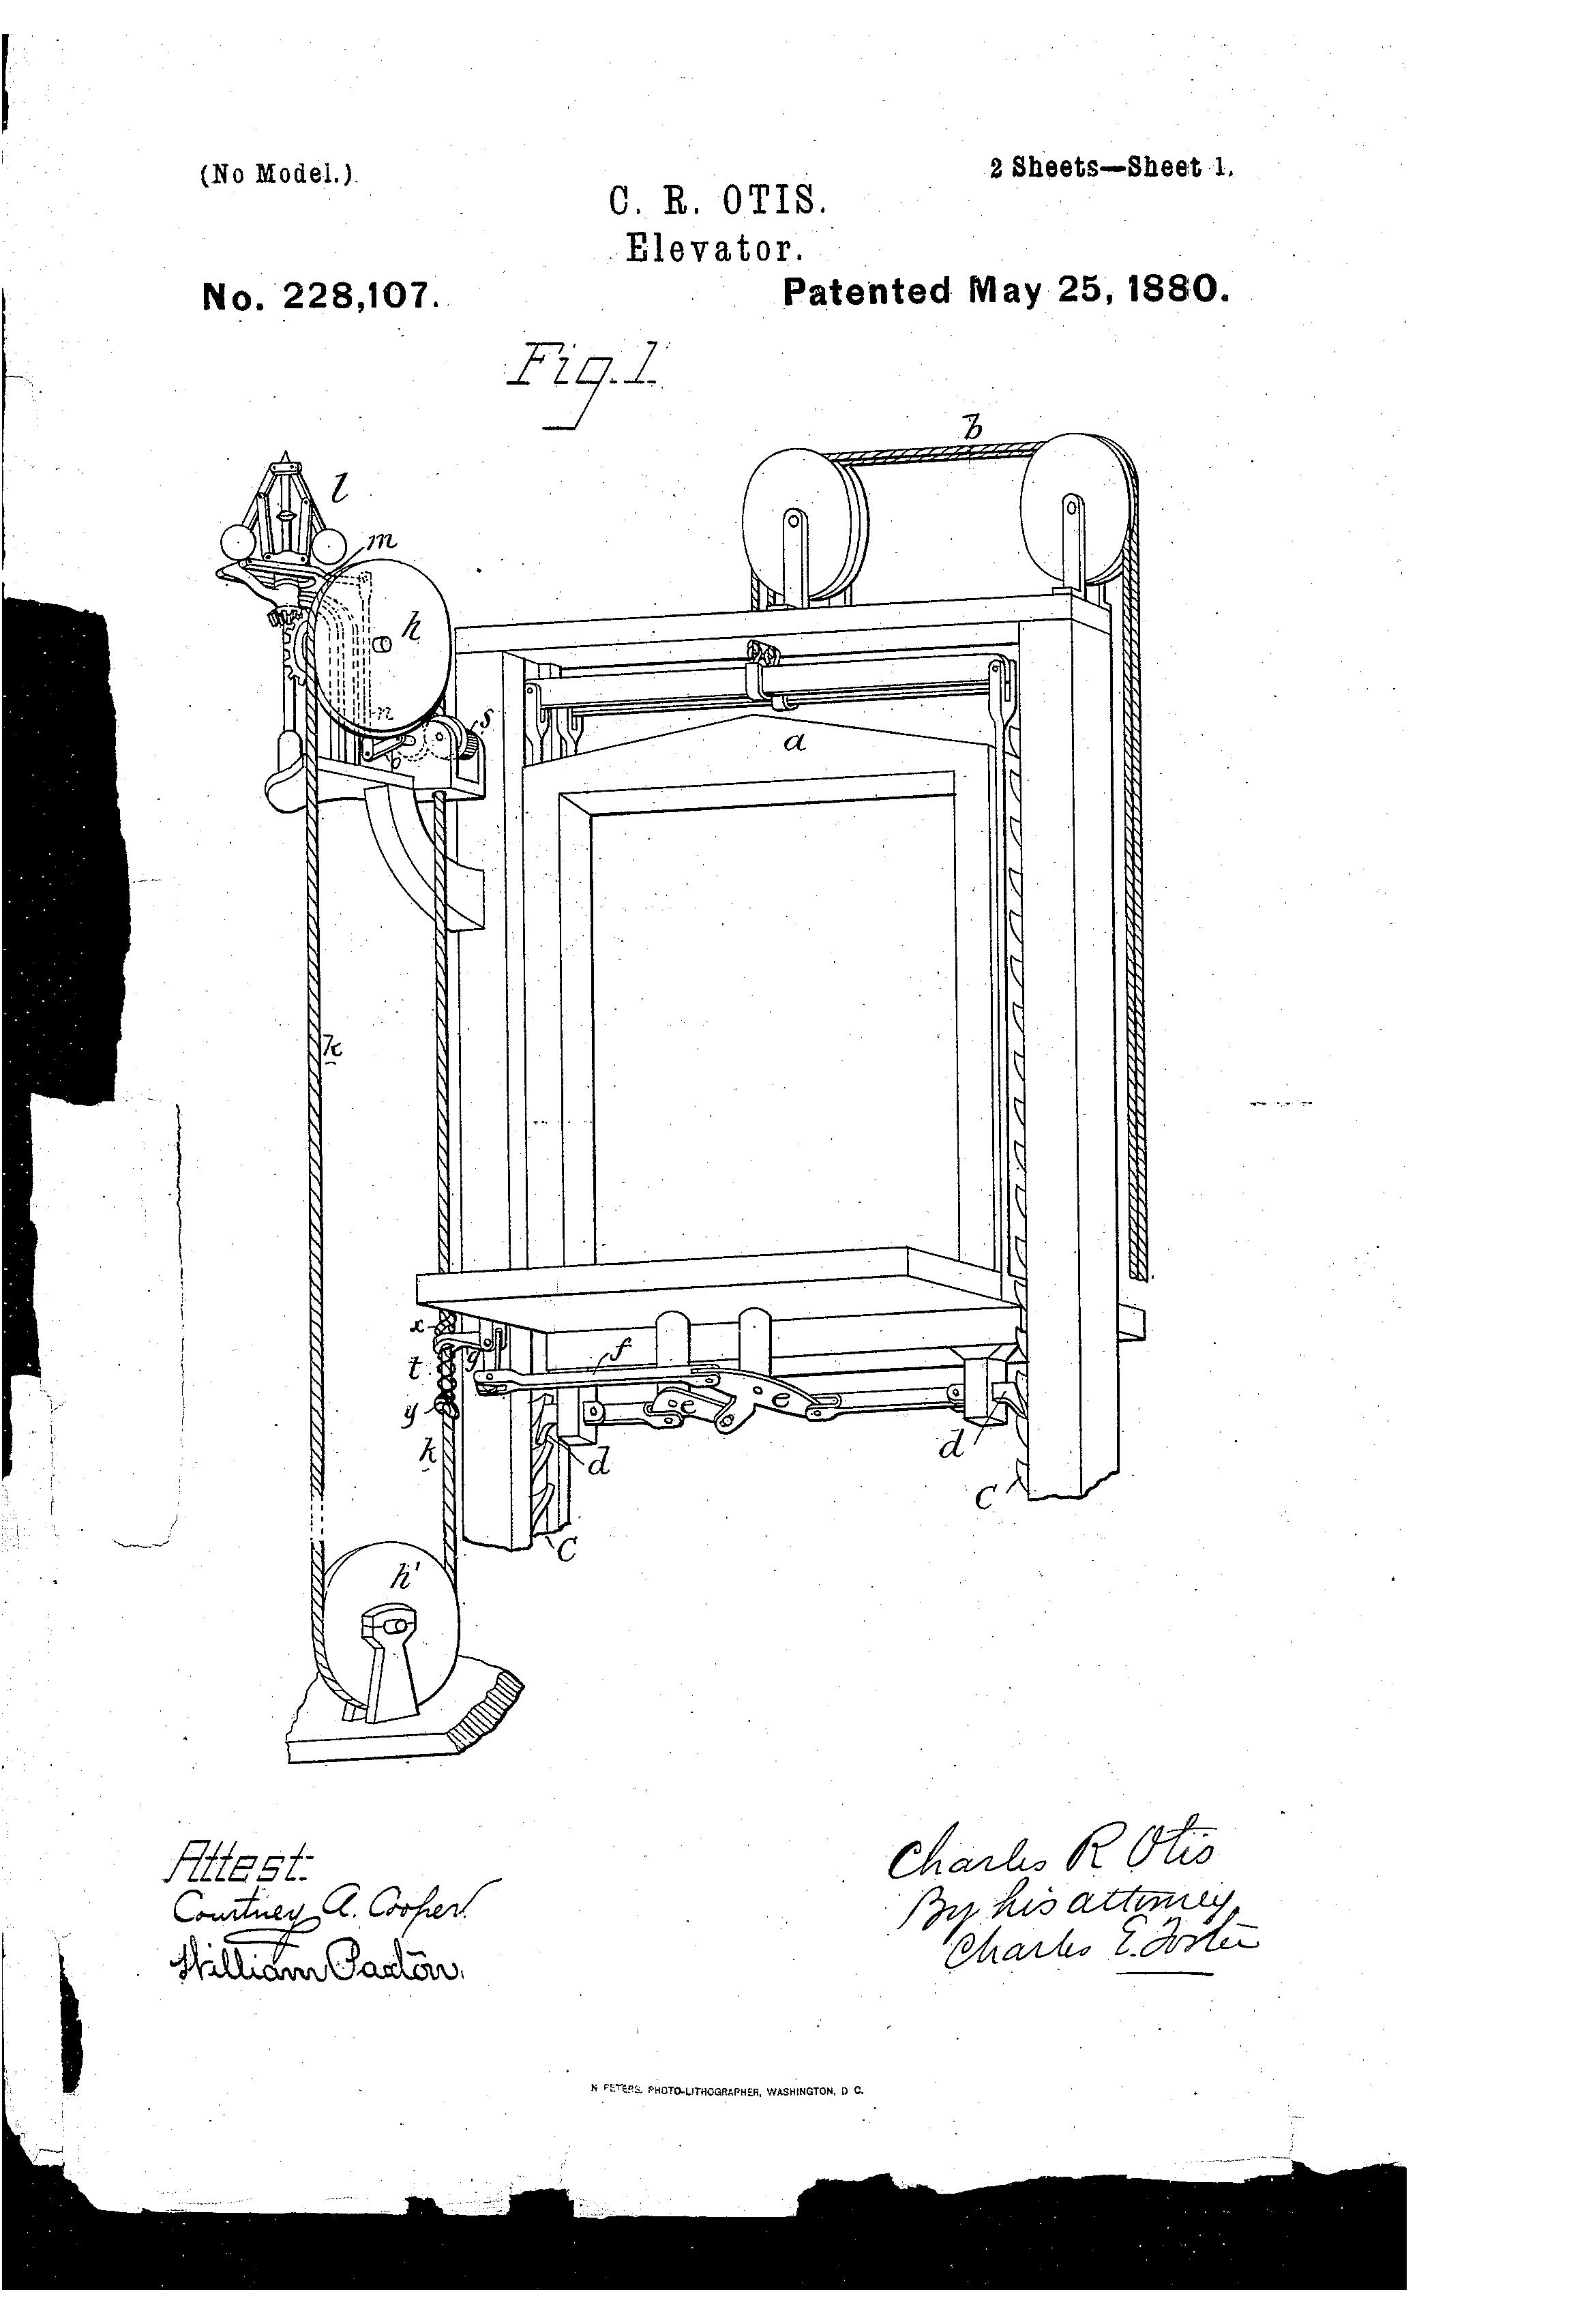 Otis Elevator Schematics